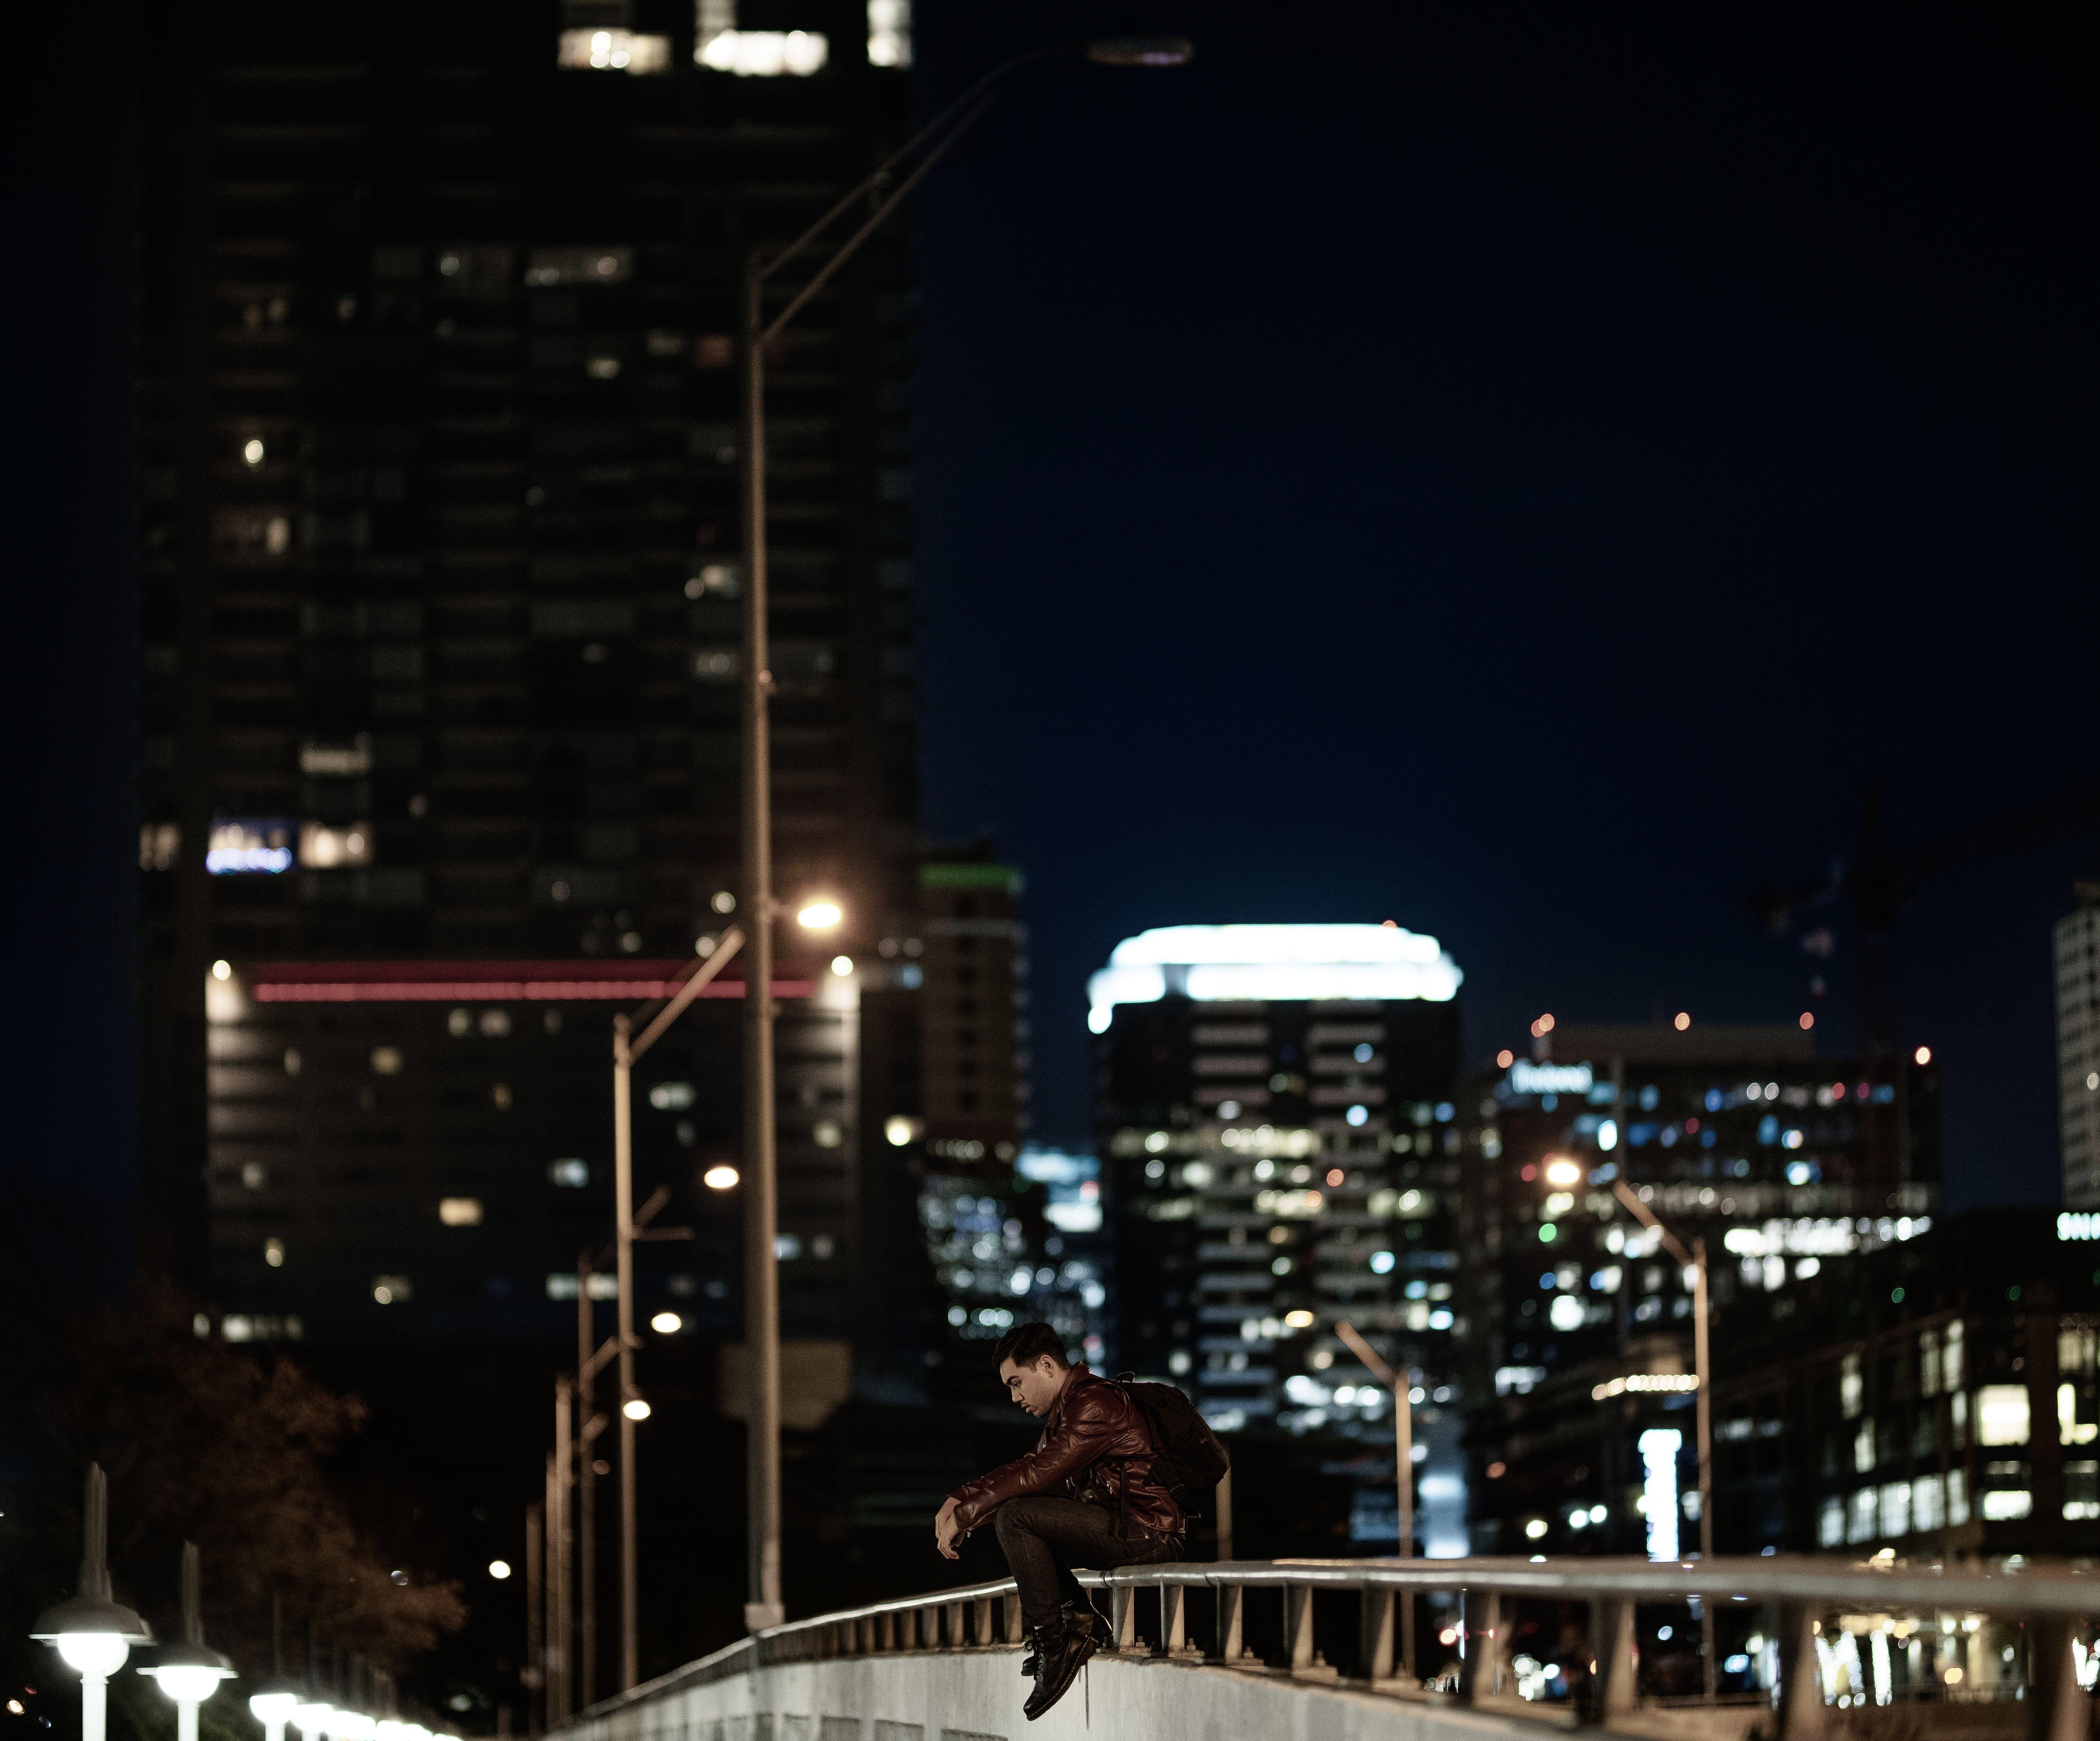 のどかな, シティ, ストリート写真, 寂しいの無料の写真素材